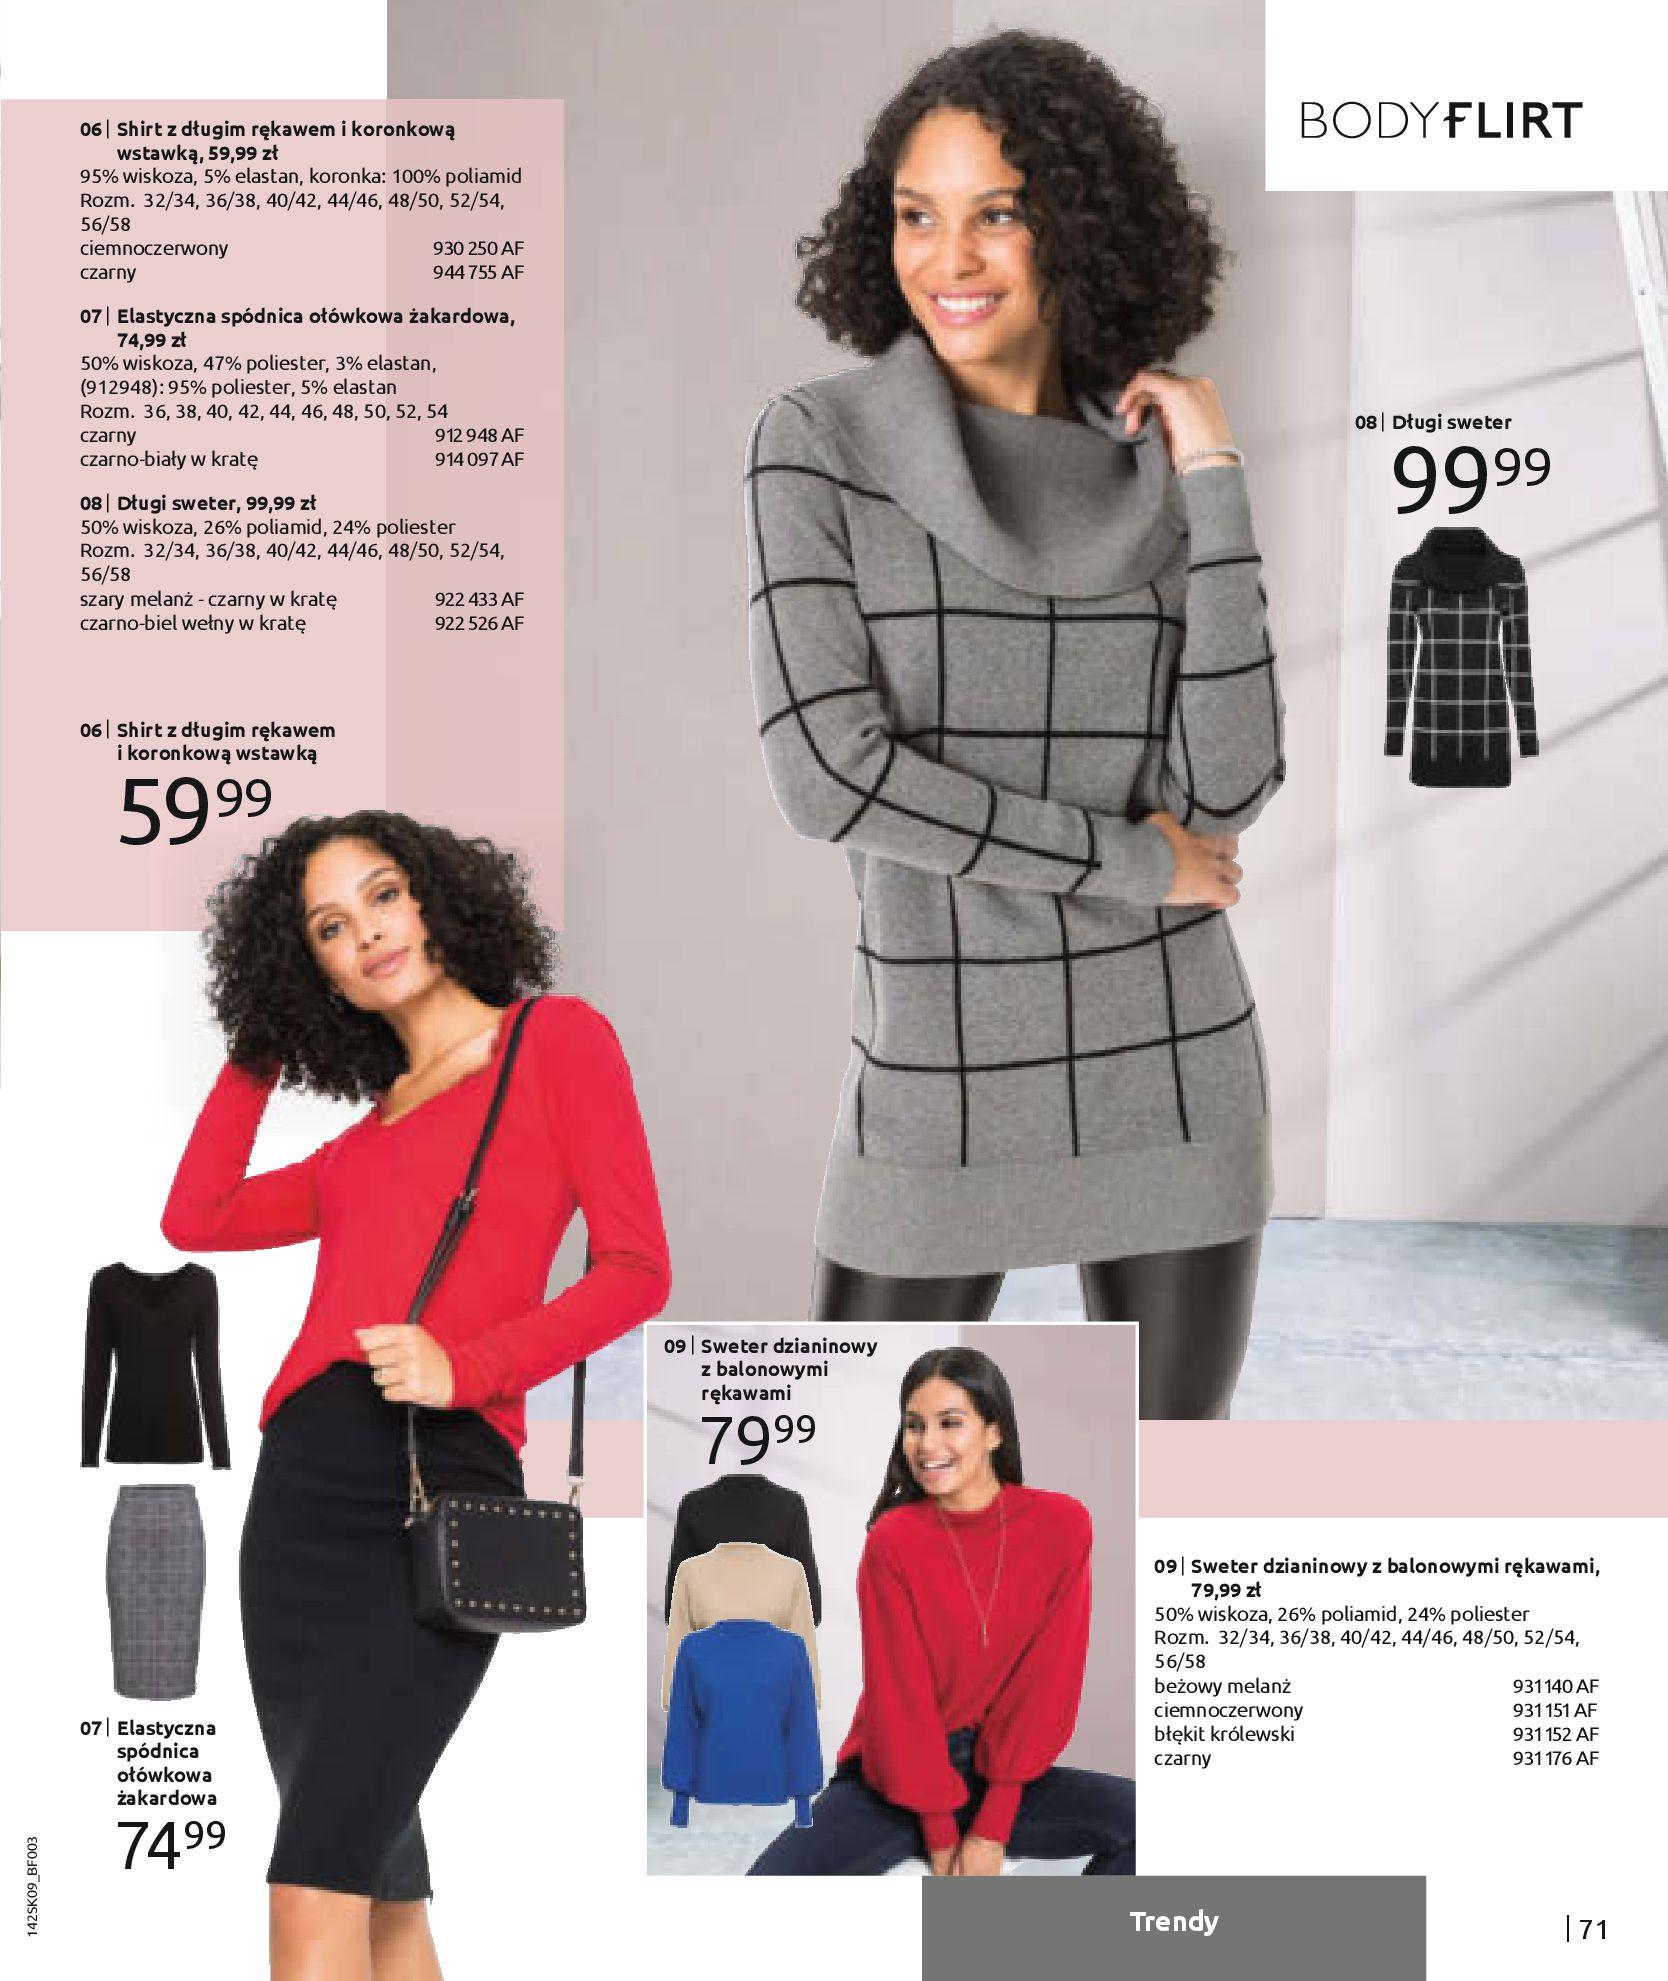 Gazetka Bonprix - Jesienny look-31.08.2020-28.02.2021-page-73